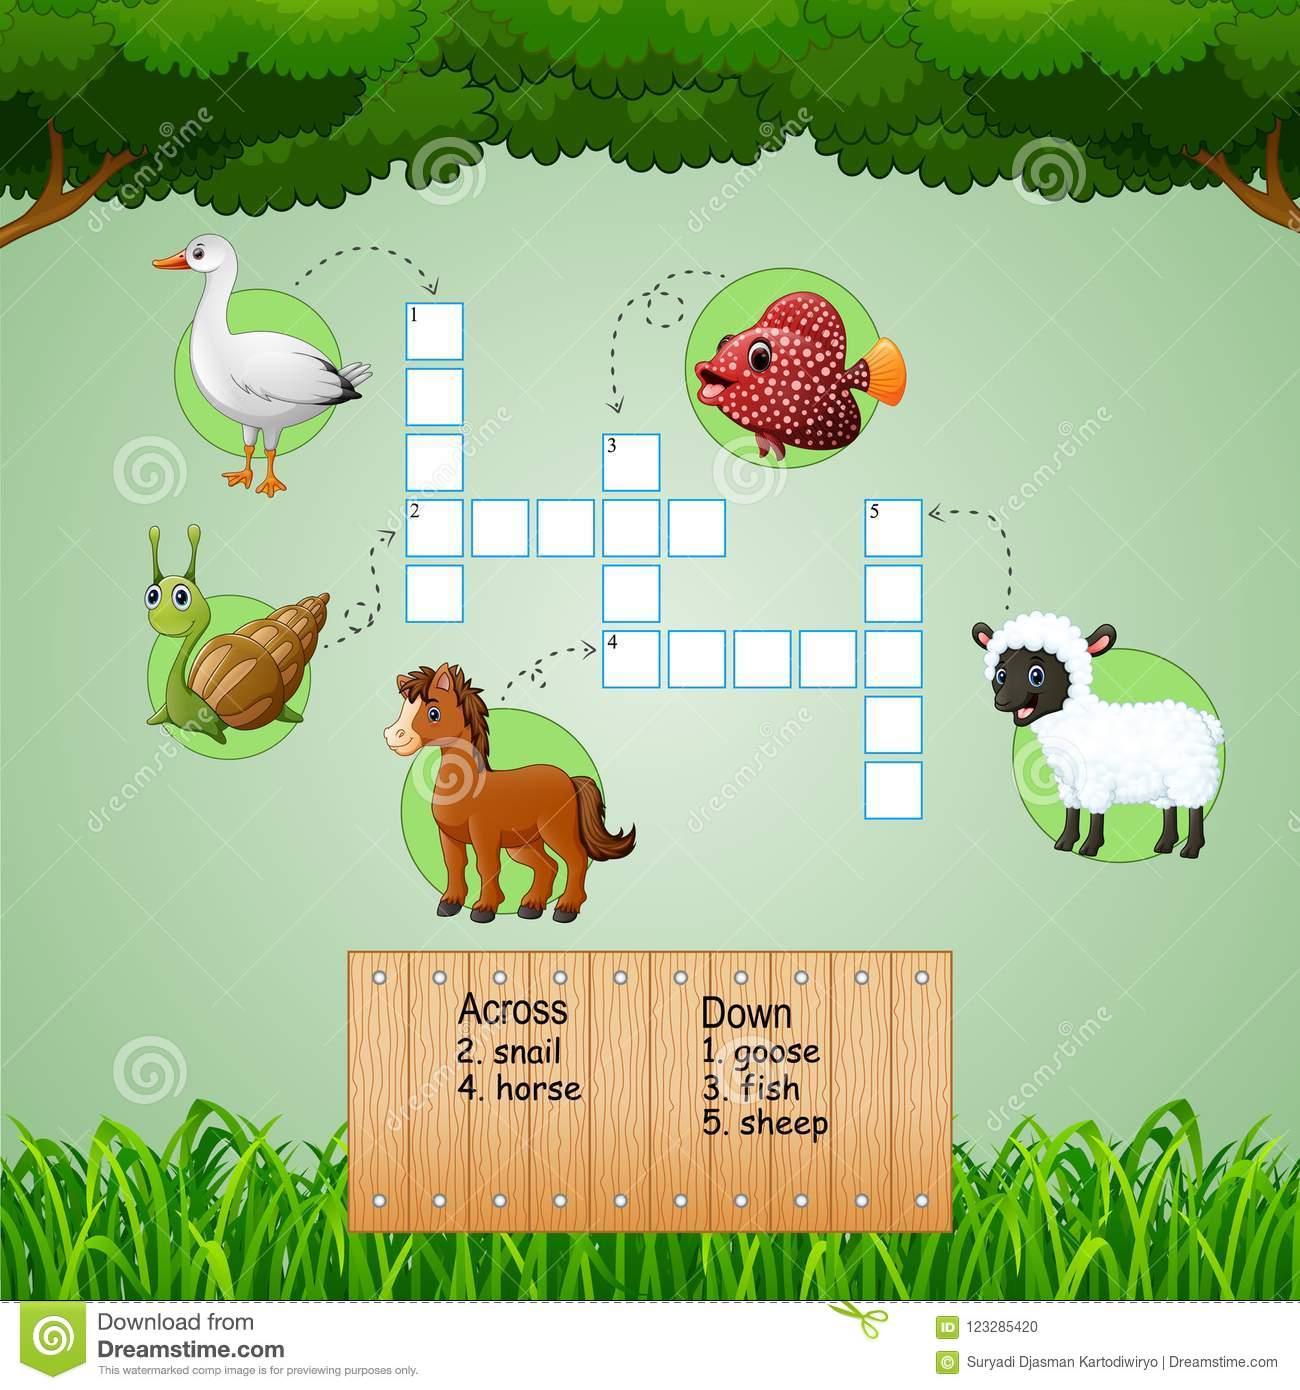 Jeux De Mots Croisé De La Ferme D'animaux Pour Des Jeux D à Jeux D Animaux De La Ferme